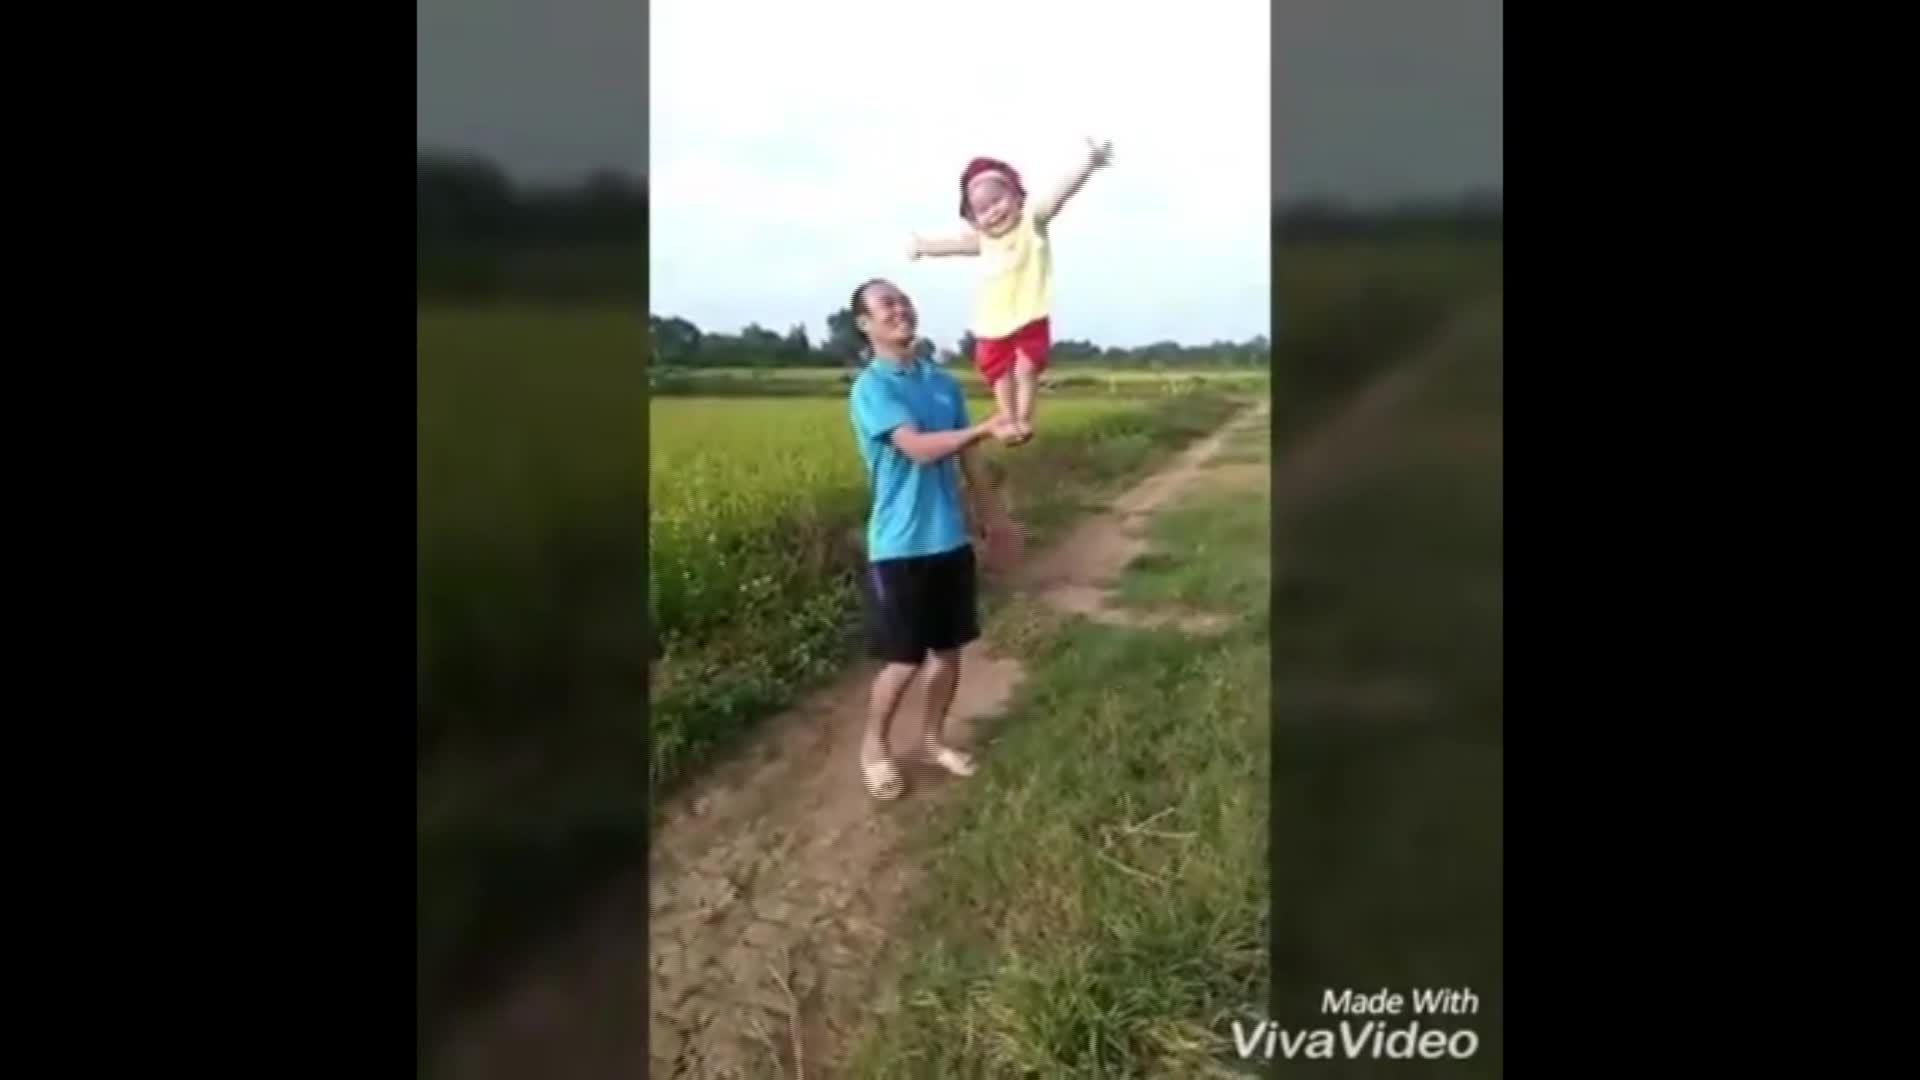 Mẹ trẻ nghỉ đẻ 3 năm để nuôi con trên vựa rơm, đồng cỏ